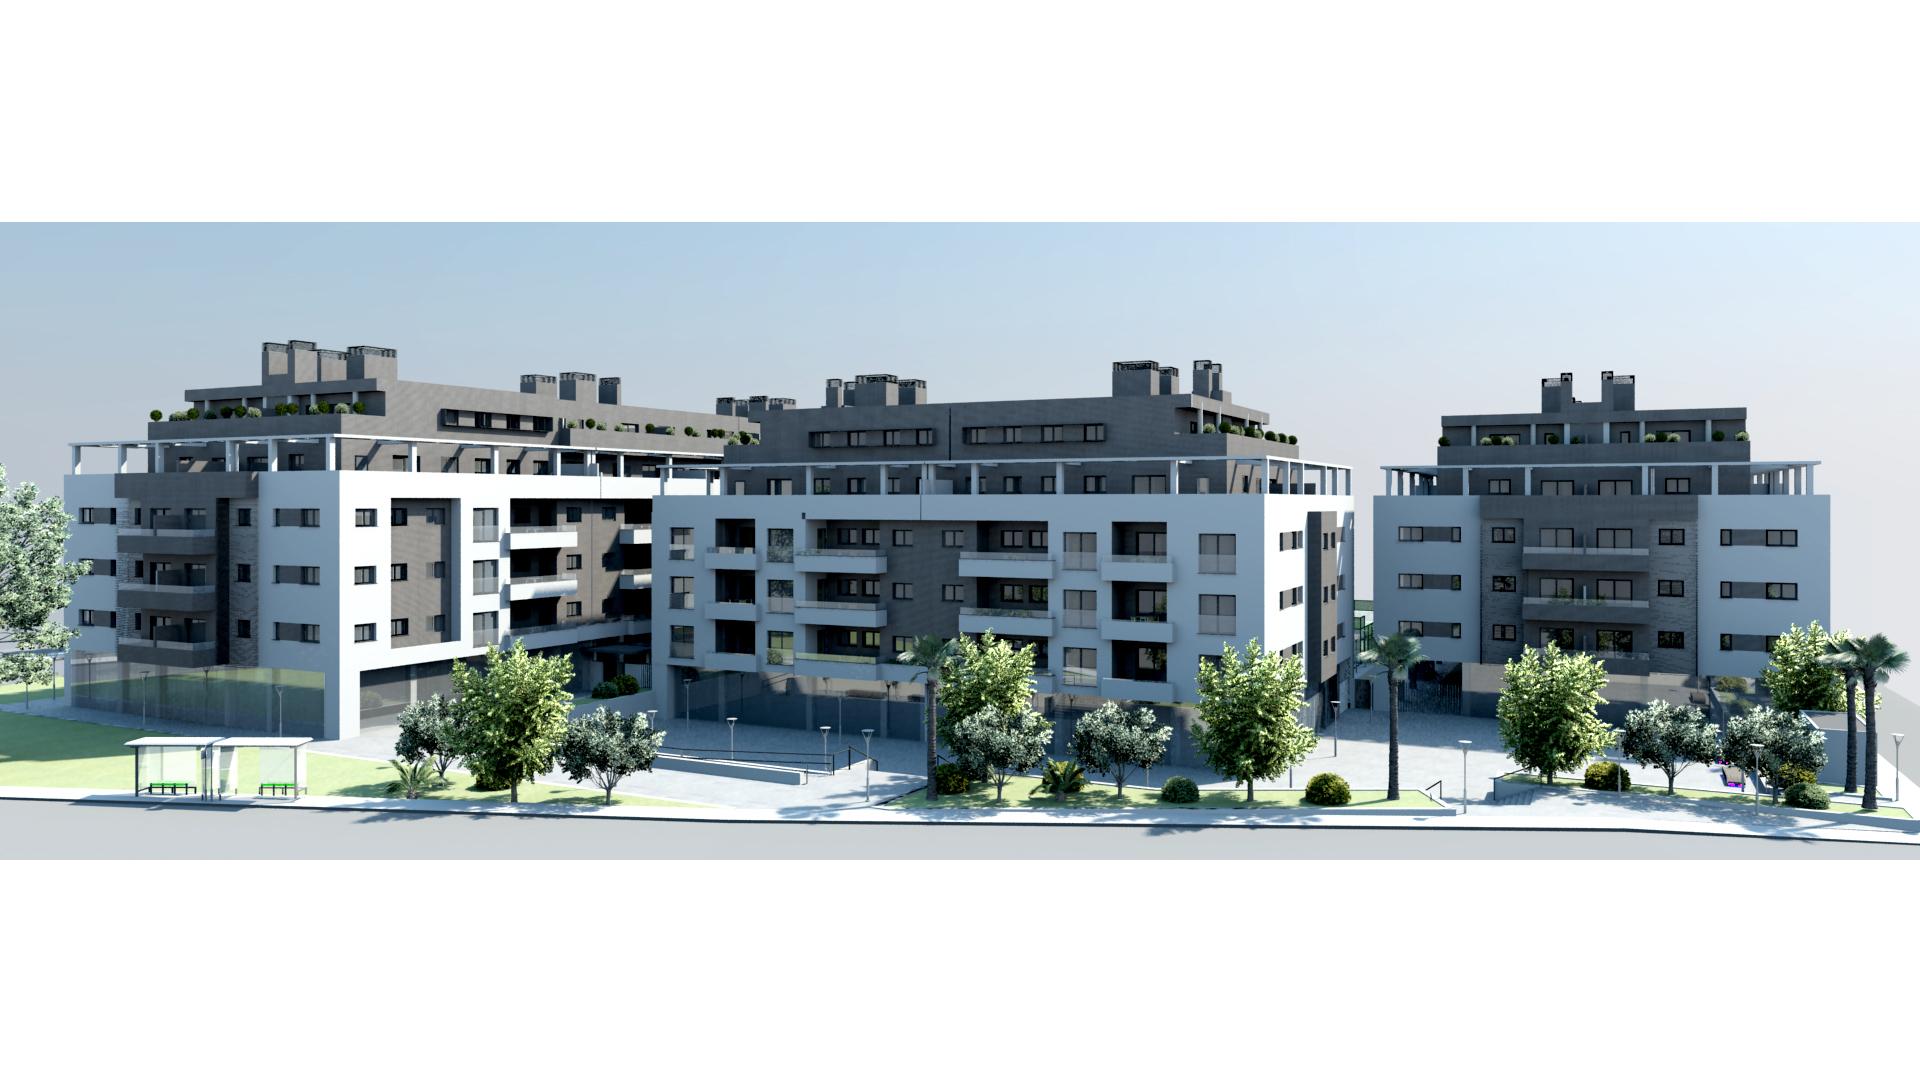 Dintel 2 estudio de arquitectura residencial nevada - Arquitectos de granada ...